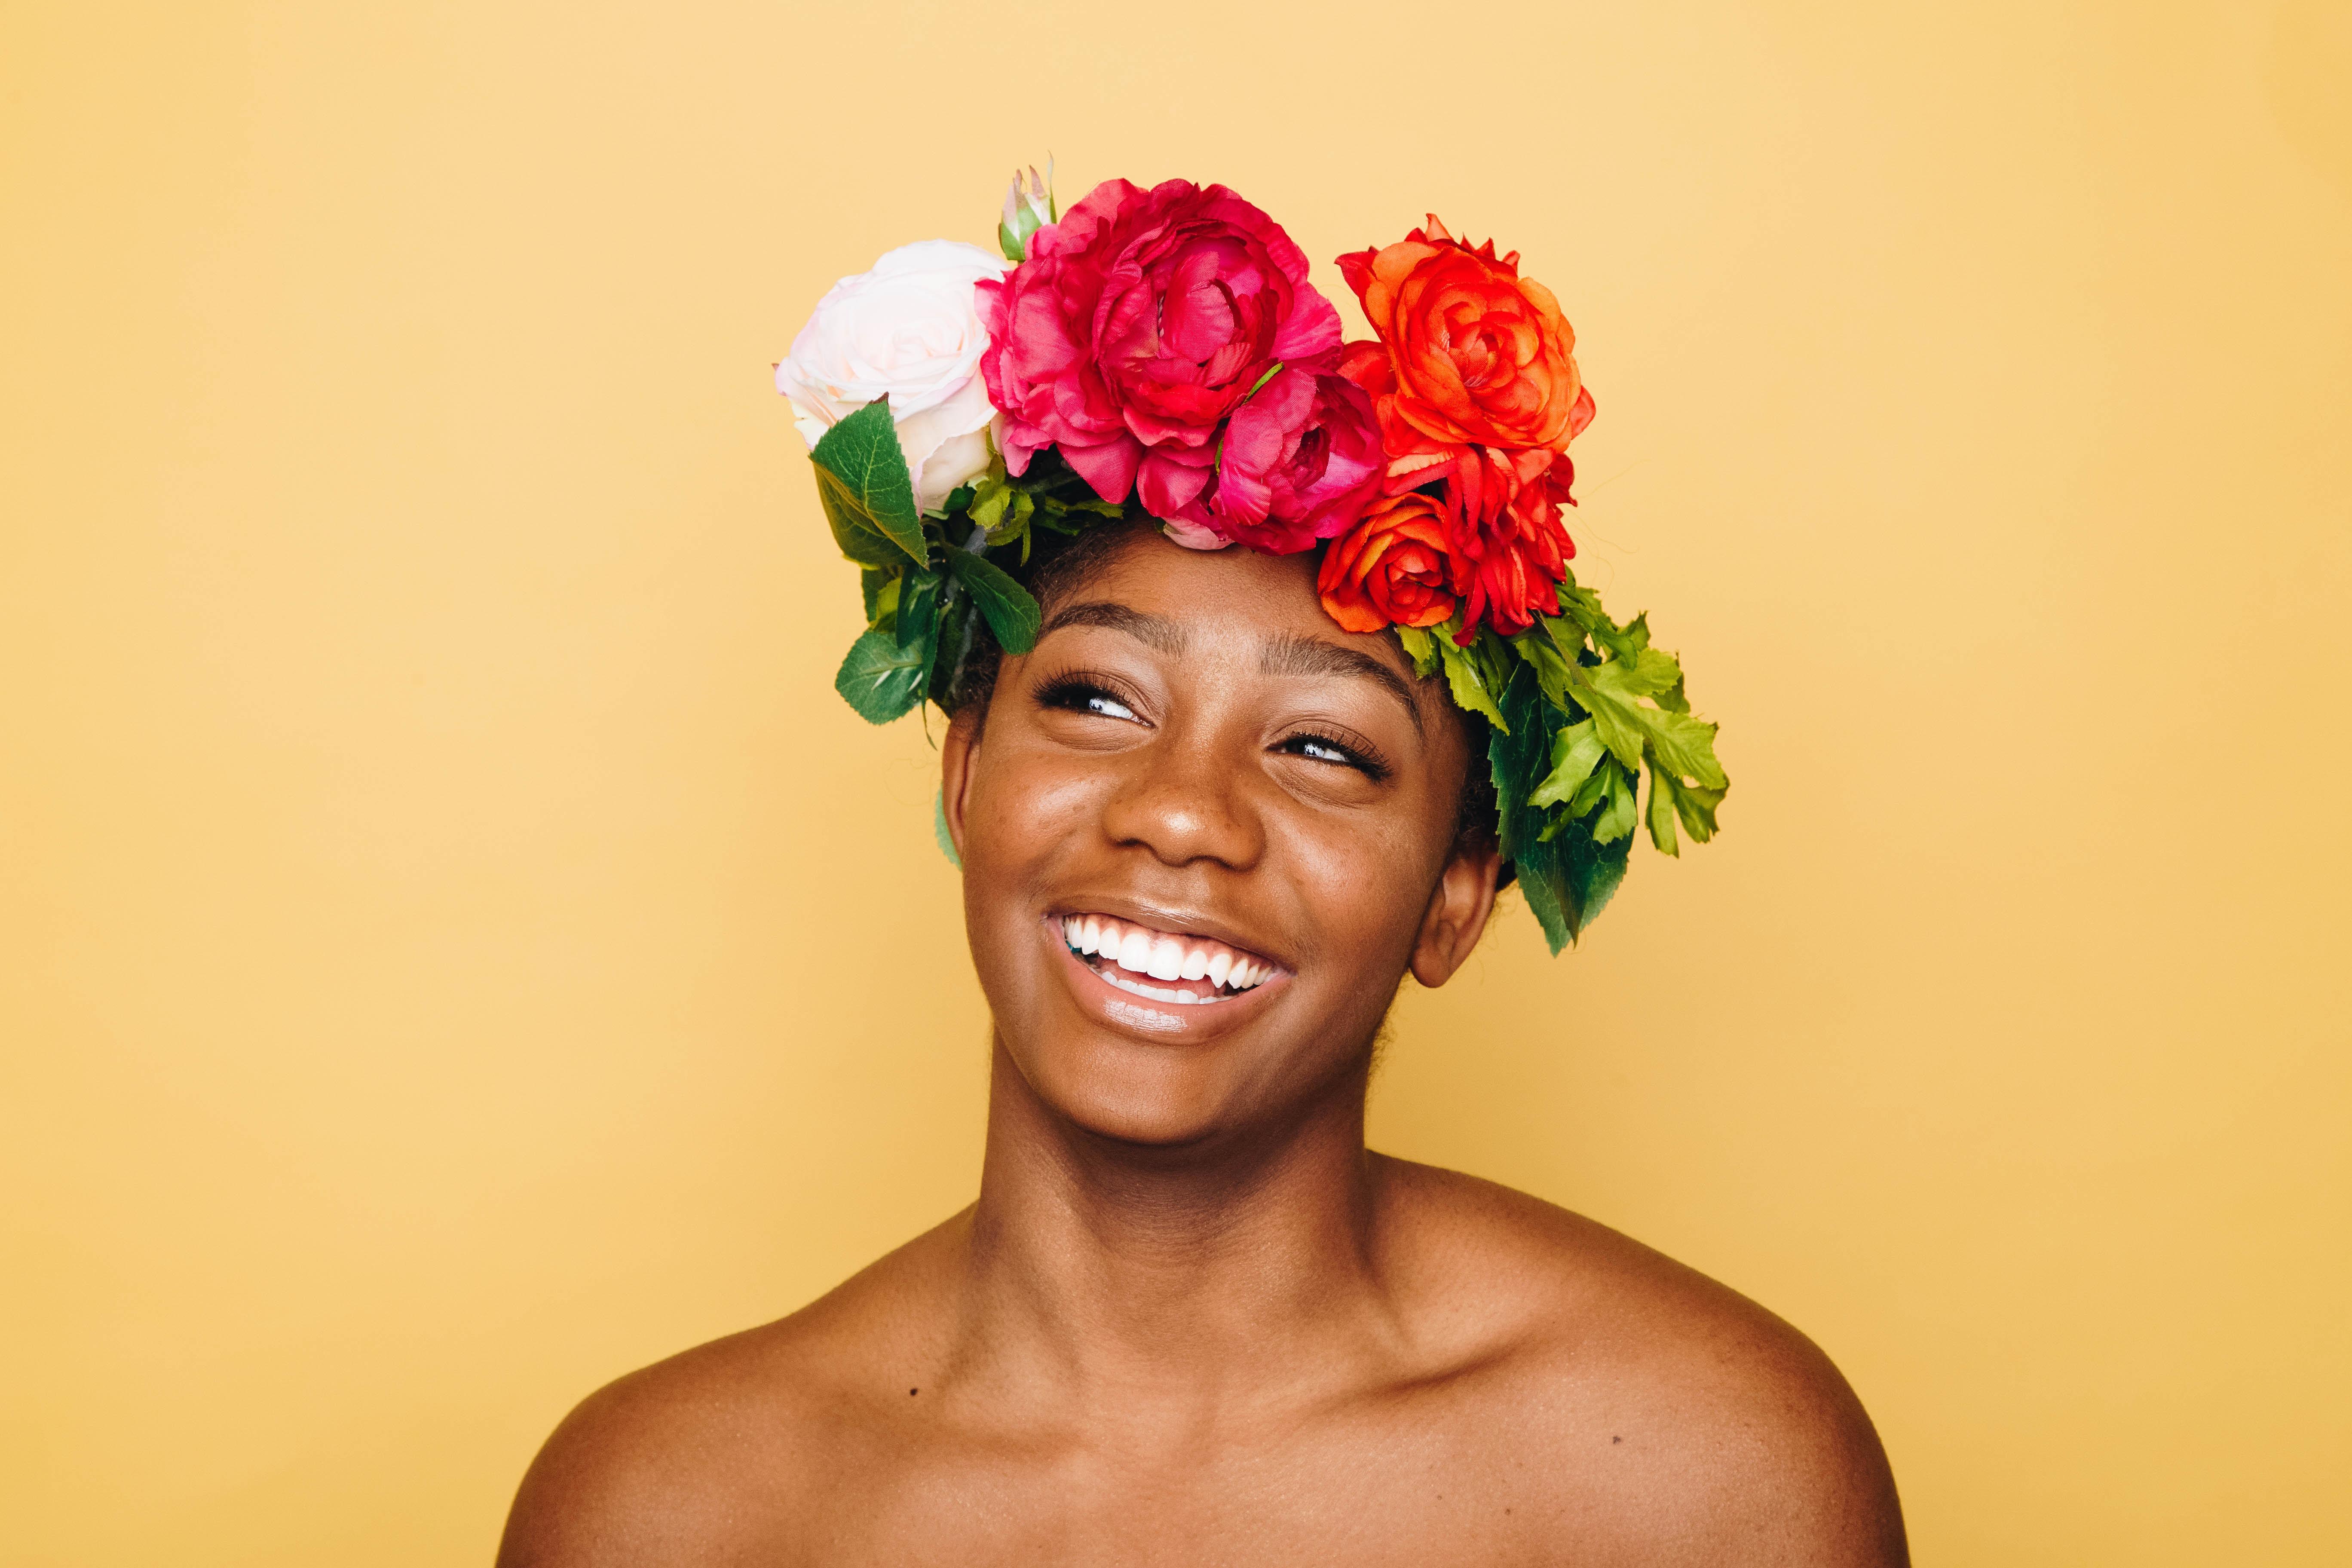 ragazza sorridente con una corona di fiori in testa